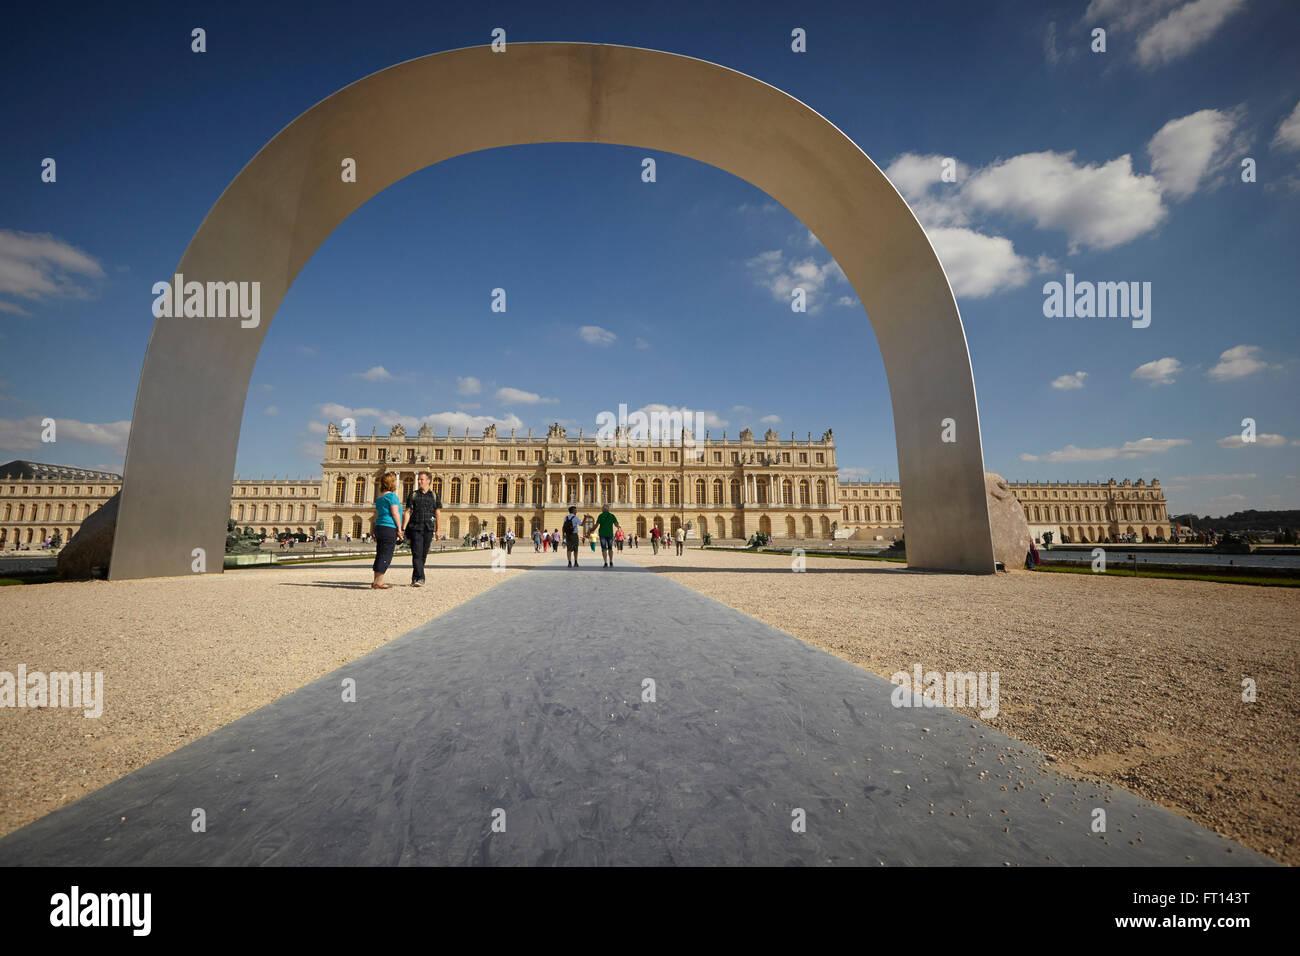 Arco, el Palacio de Versalles, Versalles, cerca de París, Francia Imagen De Stock